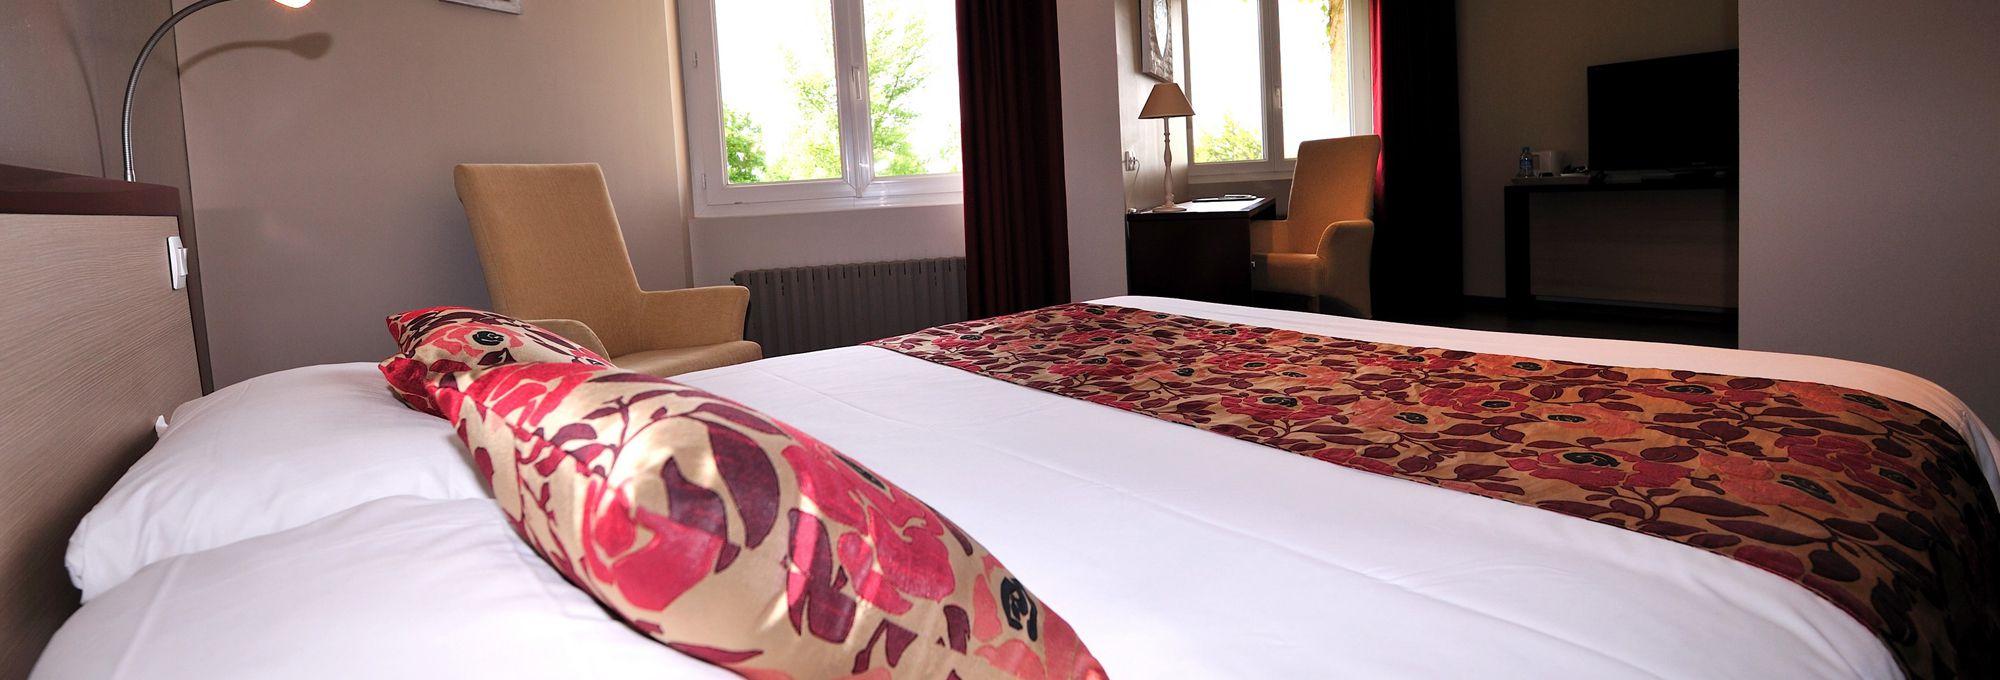 Brit Hotel Causse Comtal - Rodez